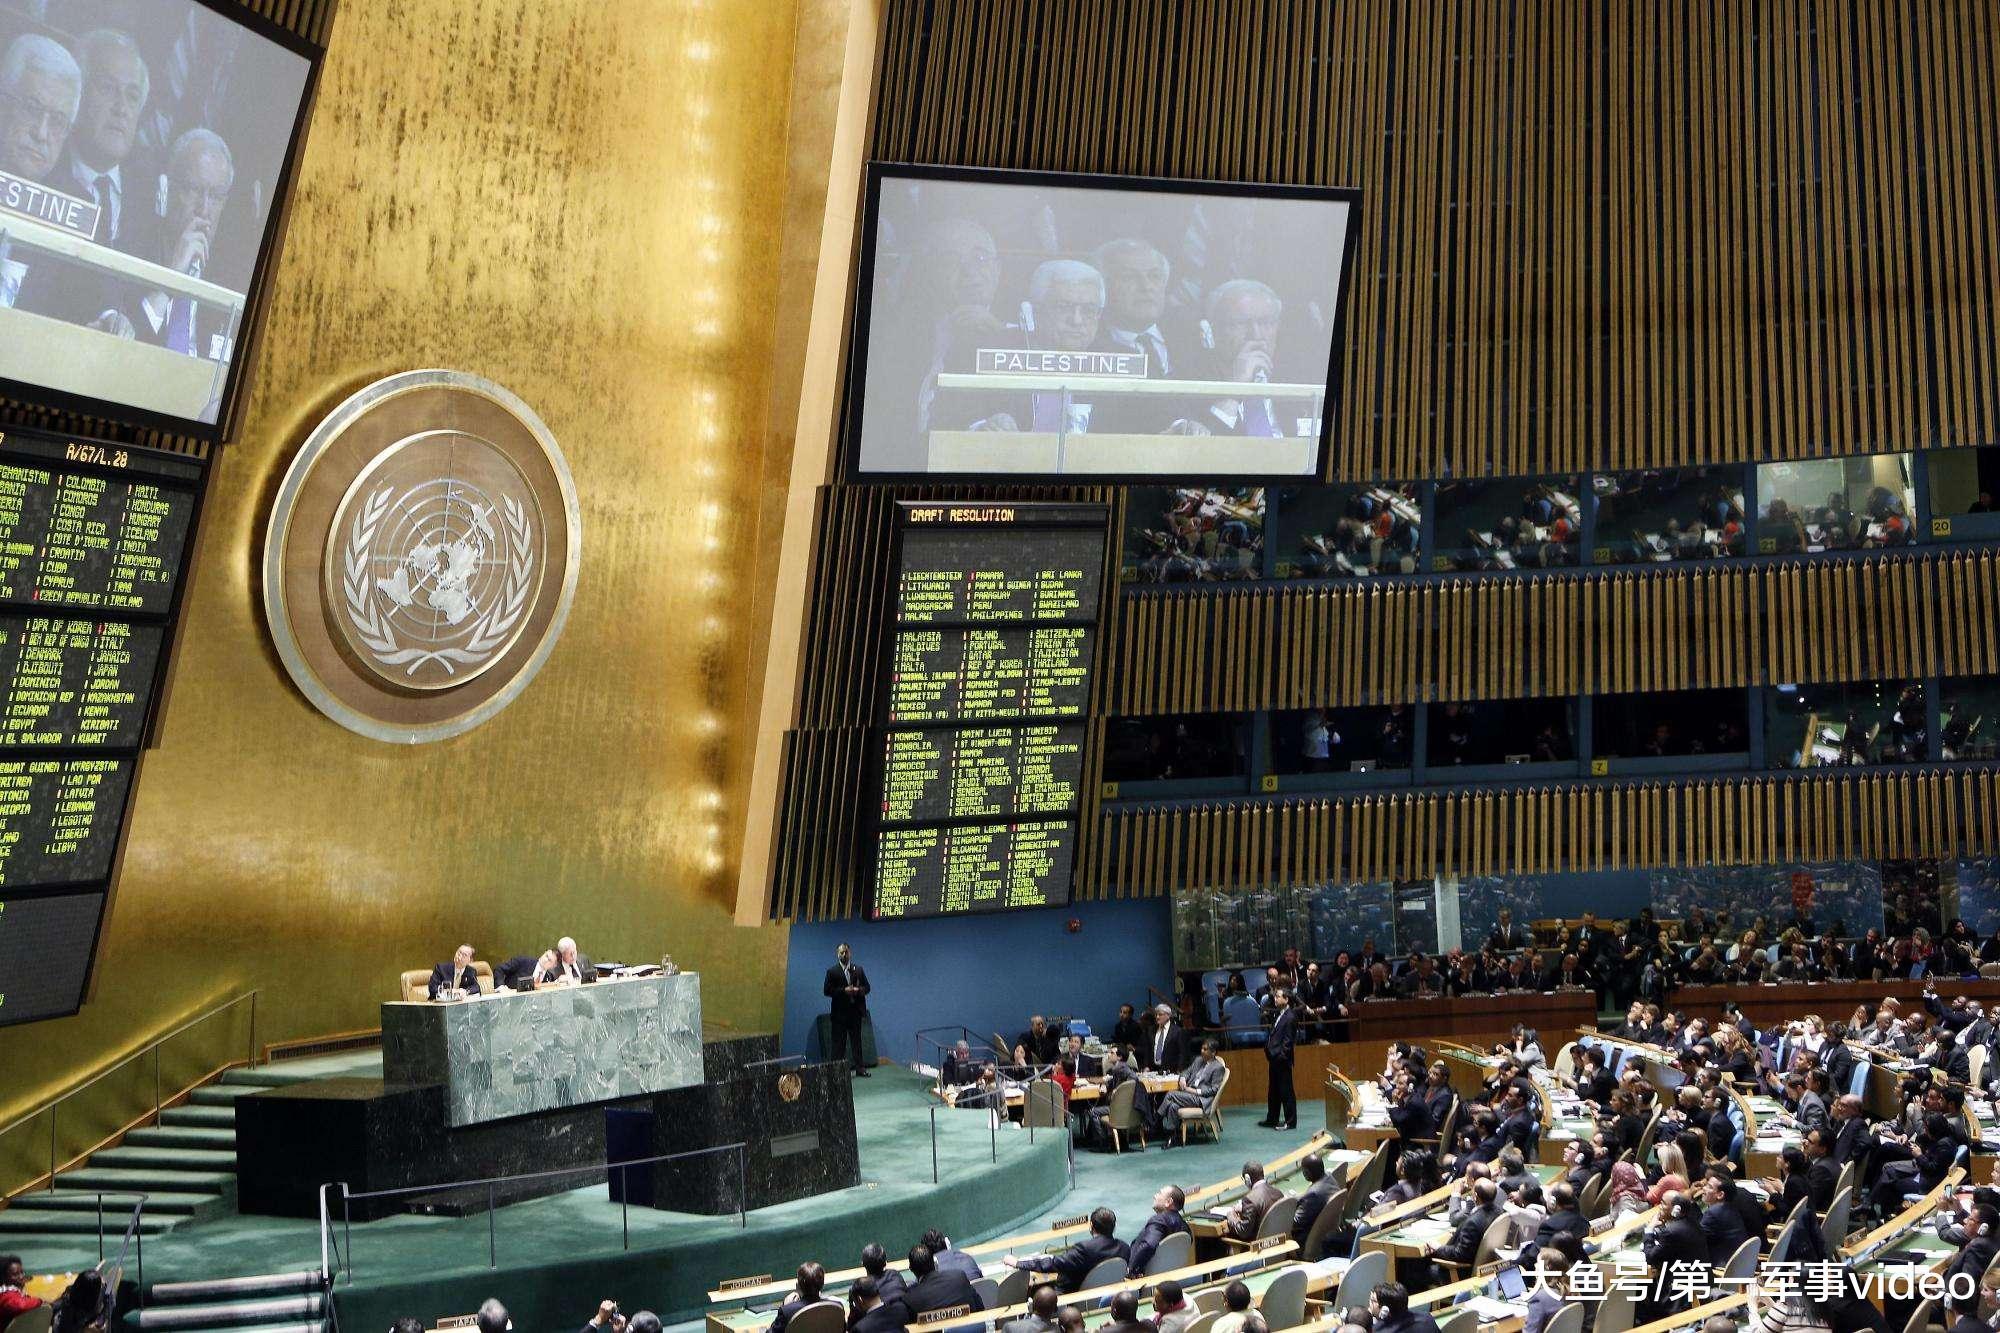 联合国披露信息, 戳穿美国虚伪面纱, 让其下不了台